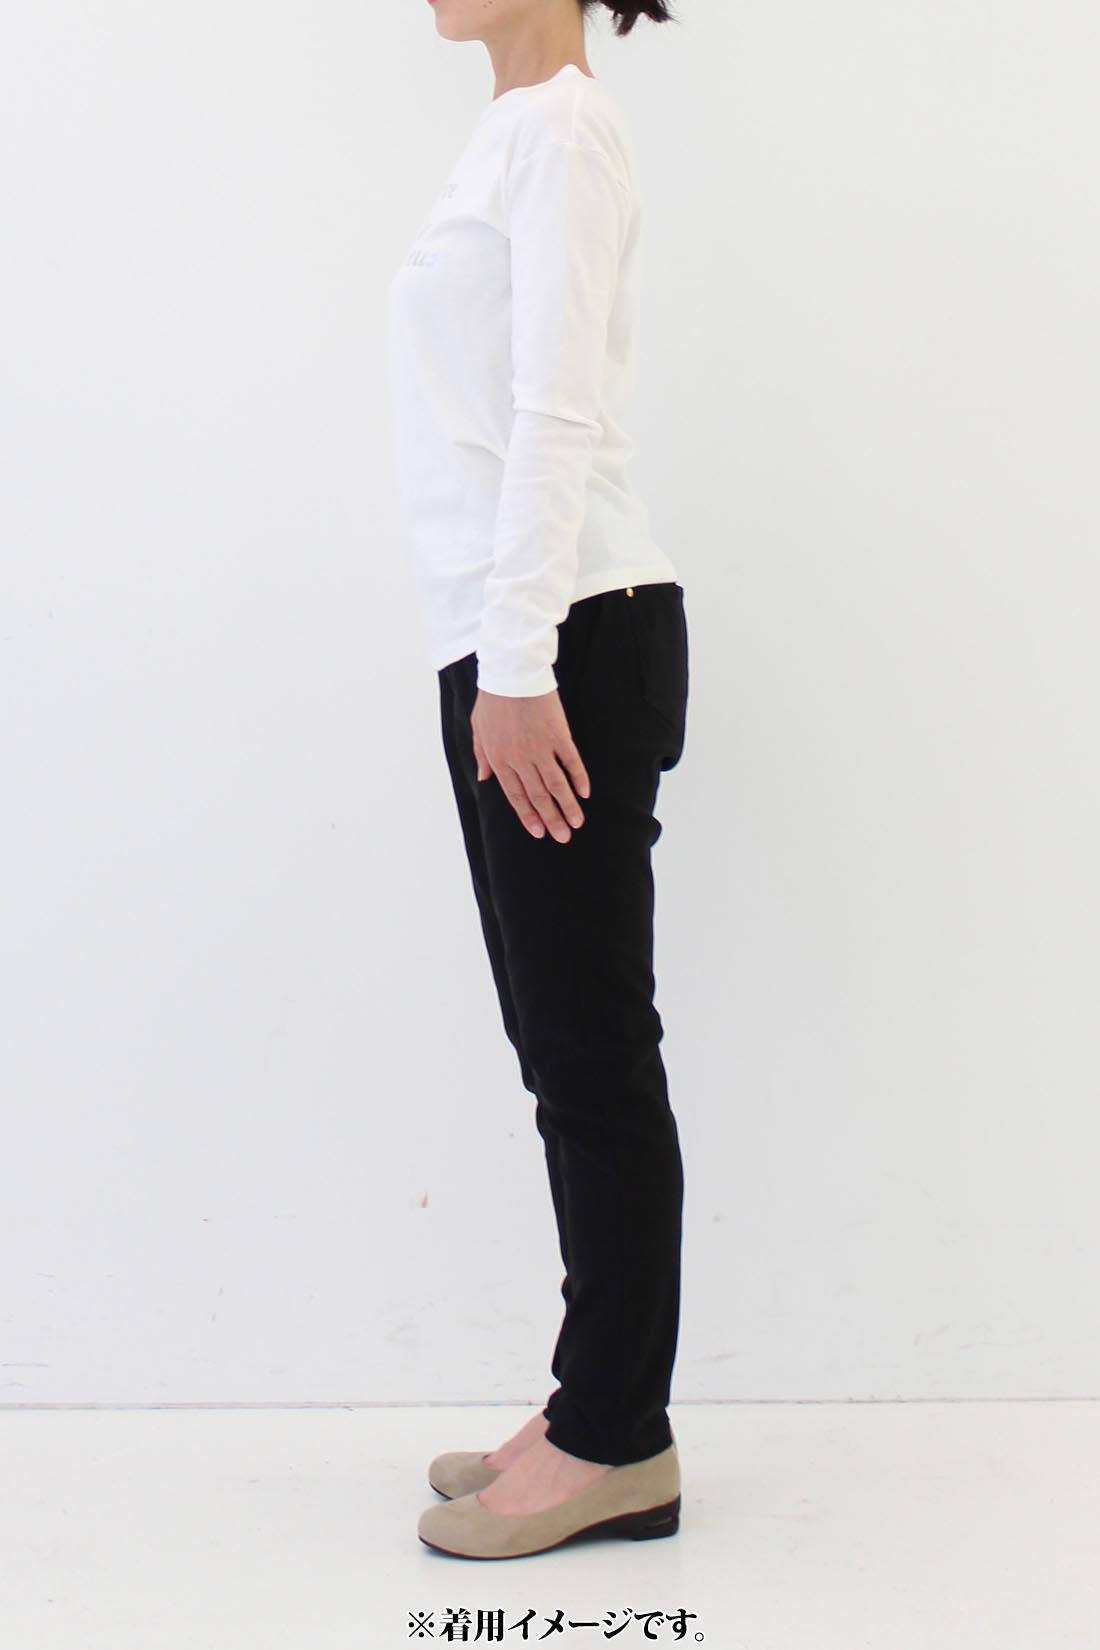 ★身長159cm・Mサイズ着用 ※着用イメージです。お届けするカラーとは異なります。